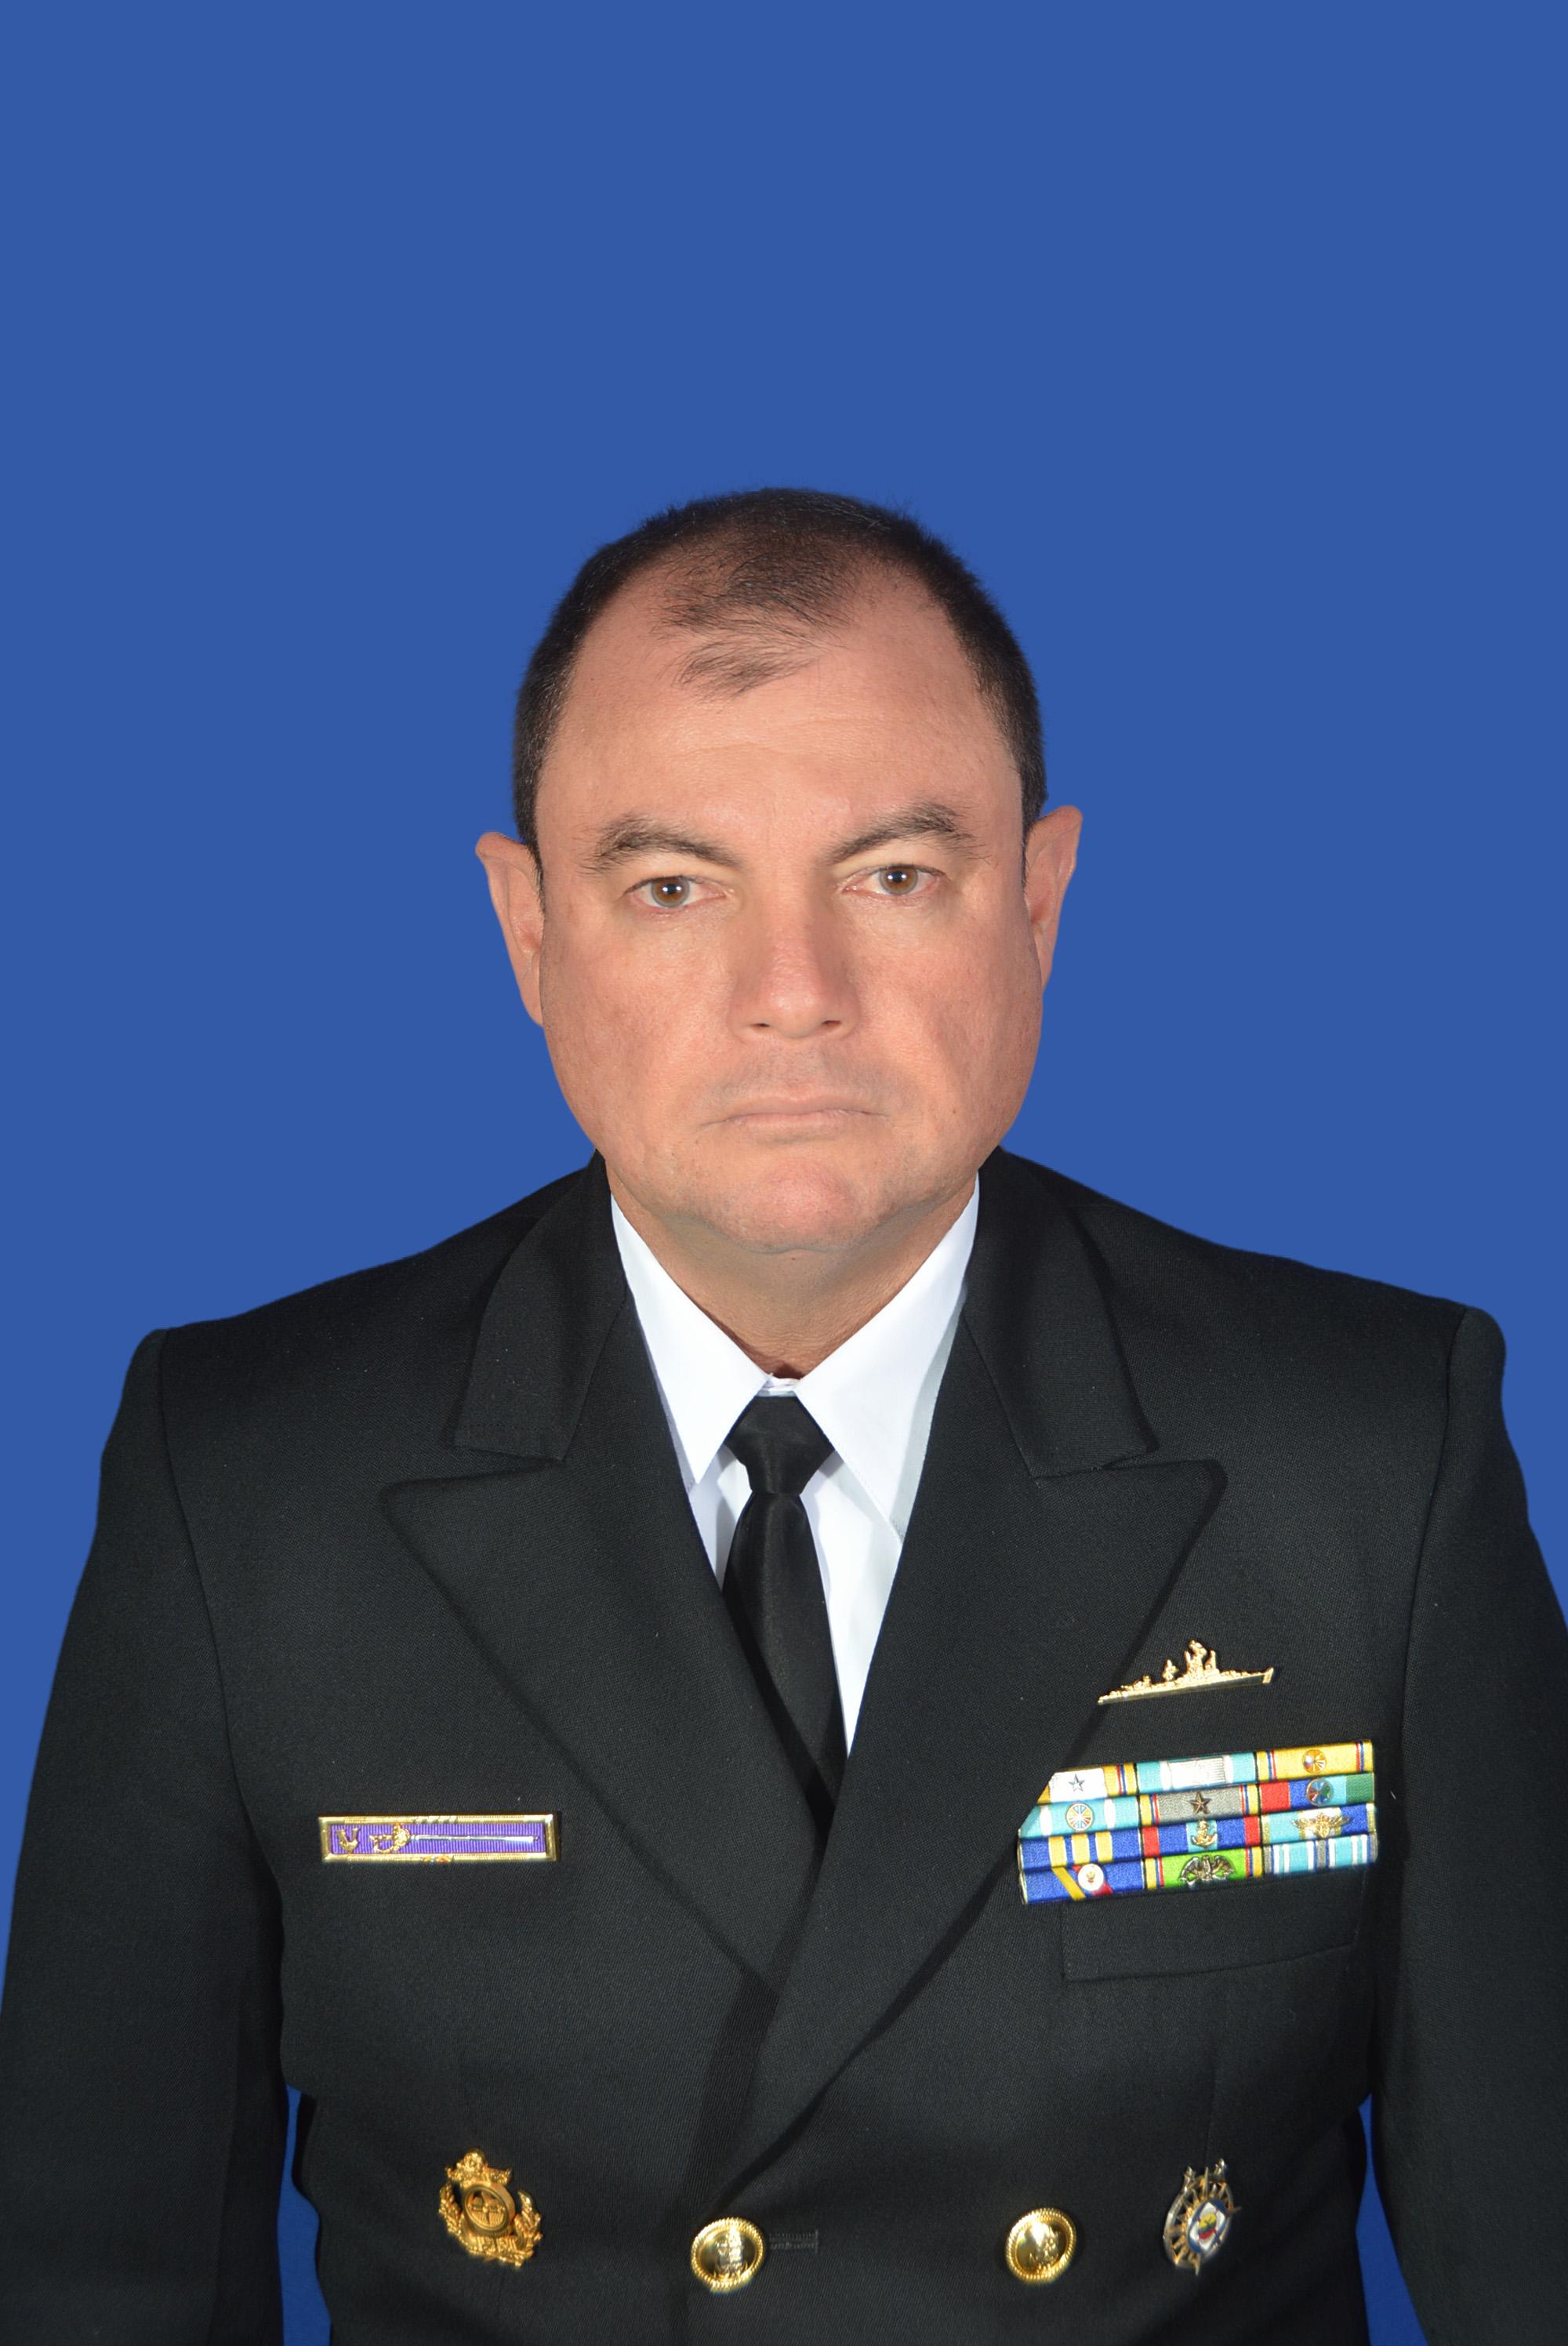 Captain Orlando Grisales